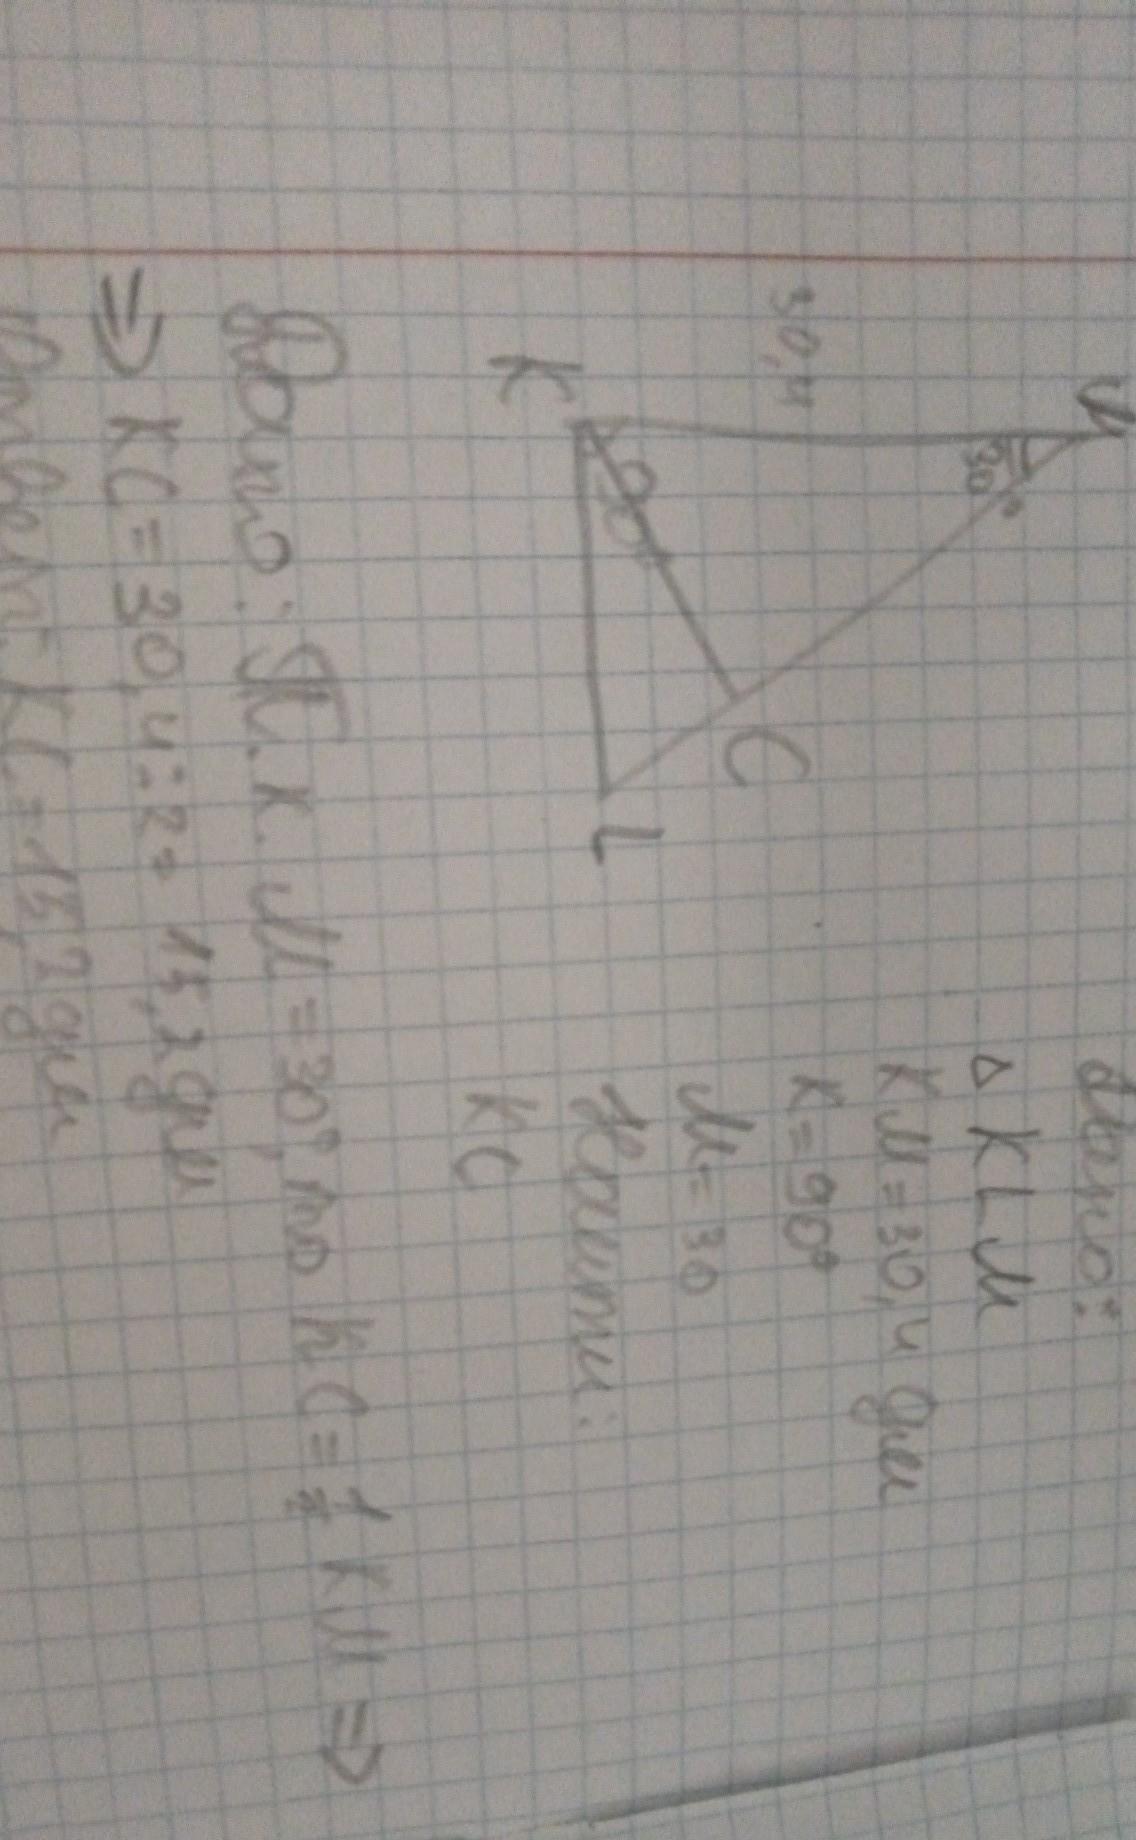 В треугольнике KLM известно,что КМ=30,4дм, угол